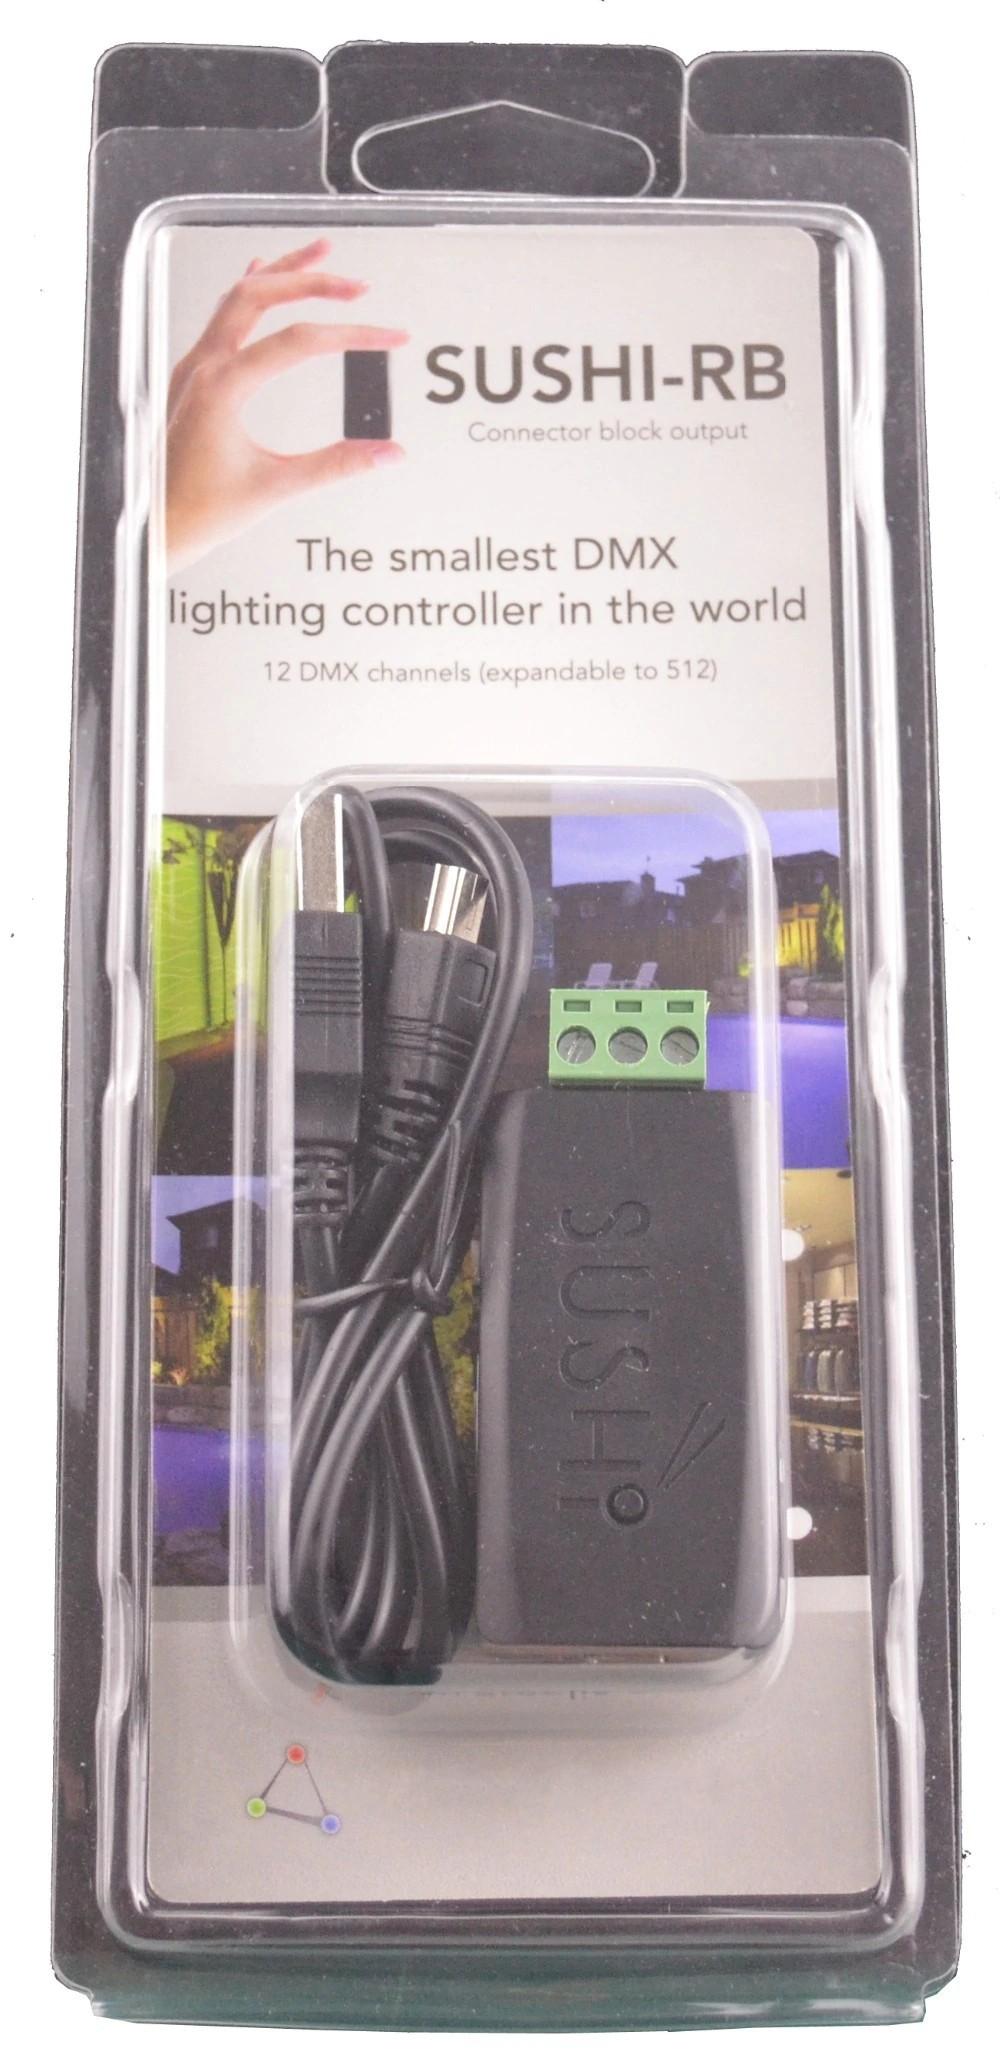 DMX_Controller_PC_Satge_Lighting_Controller_1